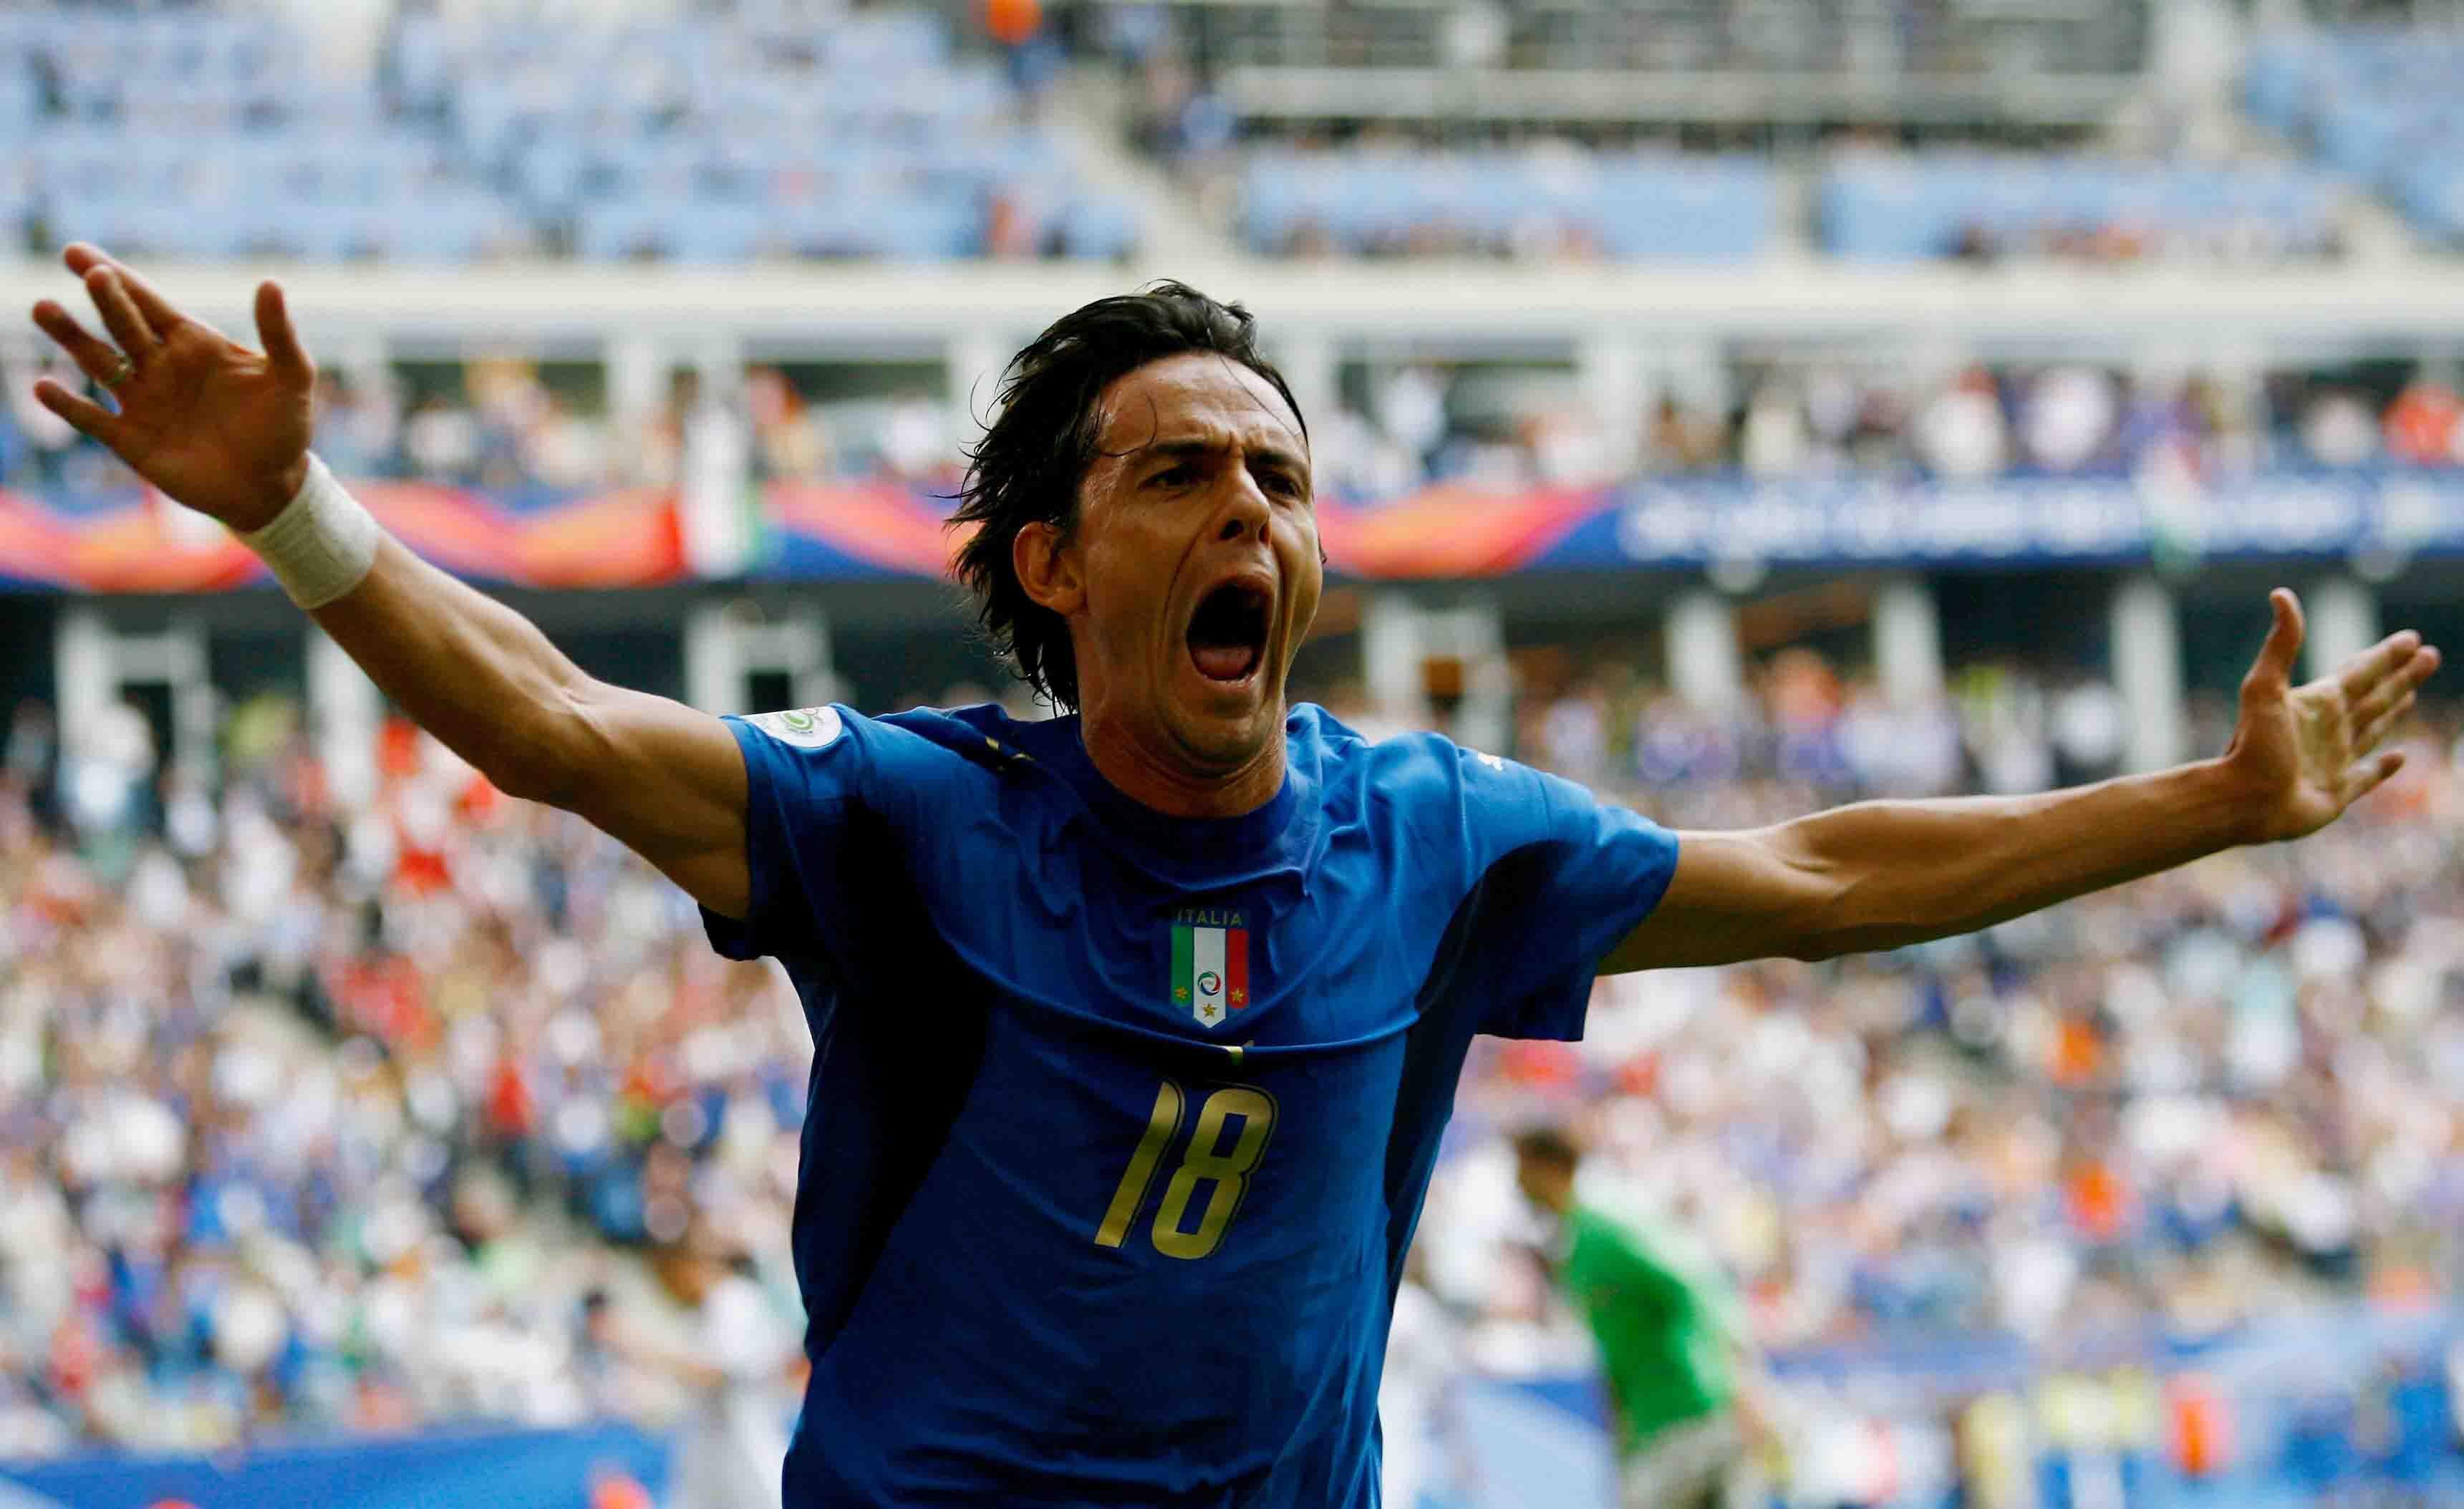 величайшие футболисты италии фото вспомогательных войск кавалерии